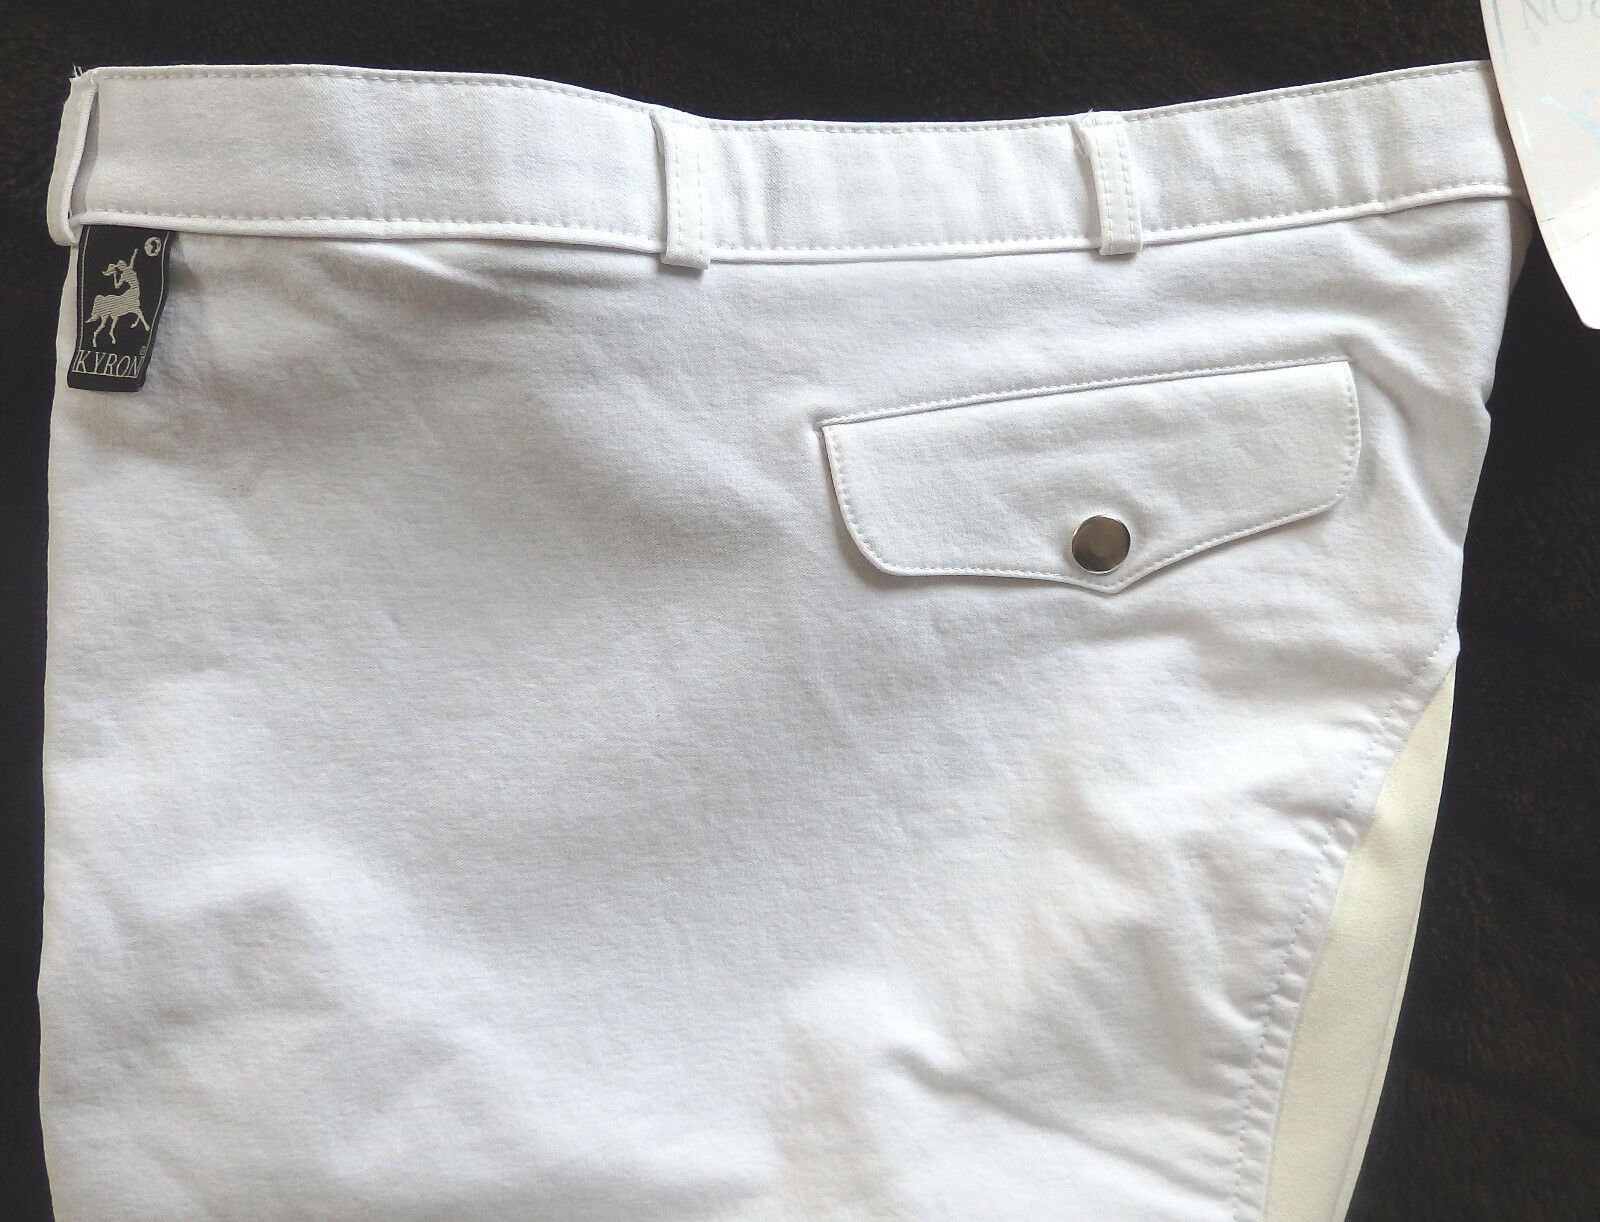 KYRON Uomo Pantaloni Montala, 3/4 guarnizione in Bianco, pieno, Bianco, in Tg. 52 Danny (571) a7f2b1